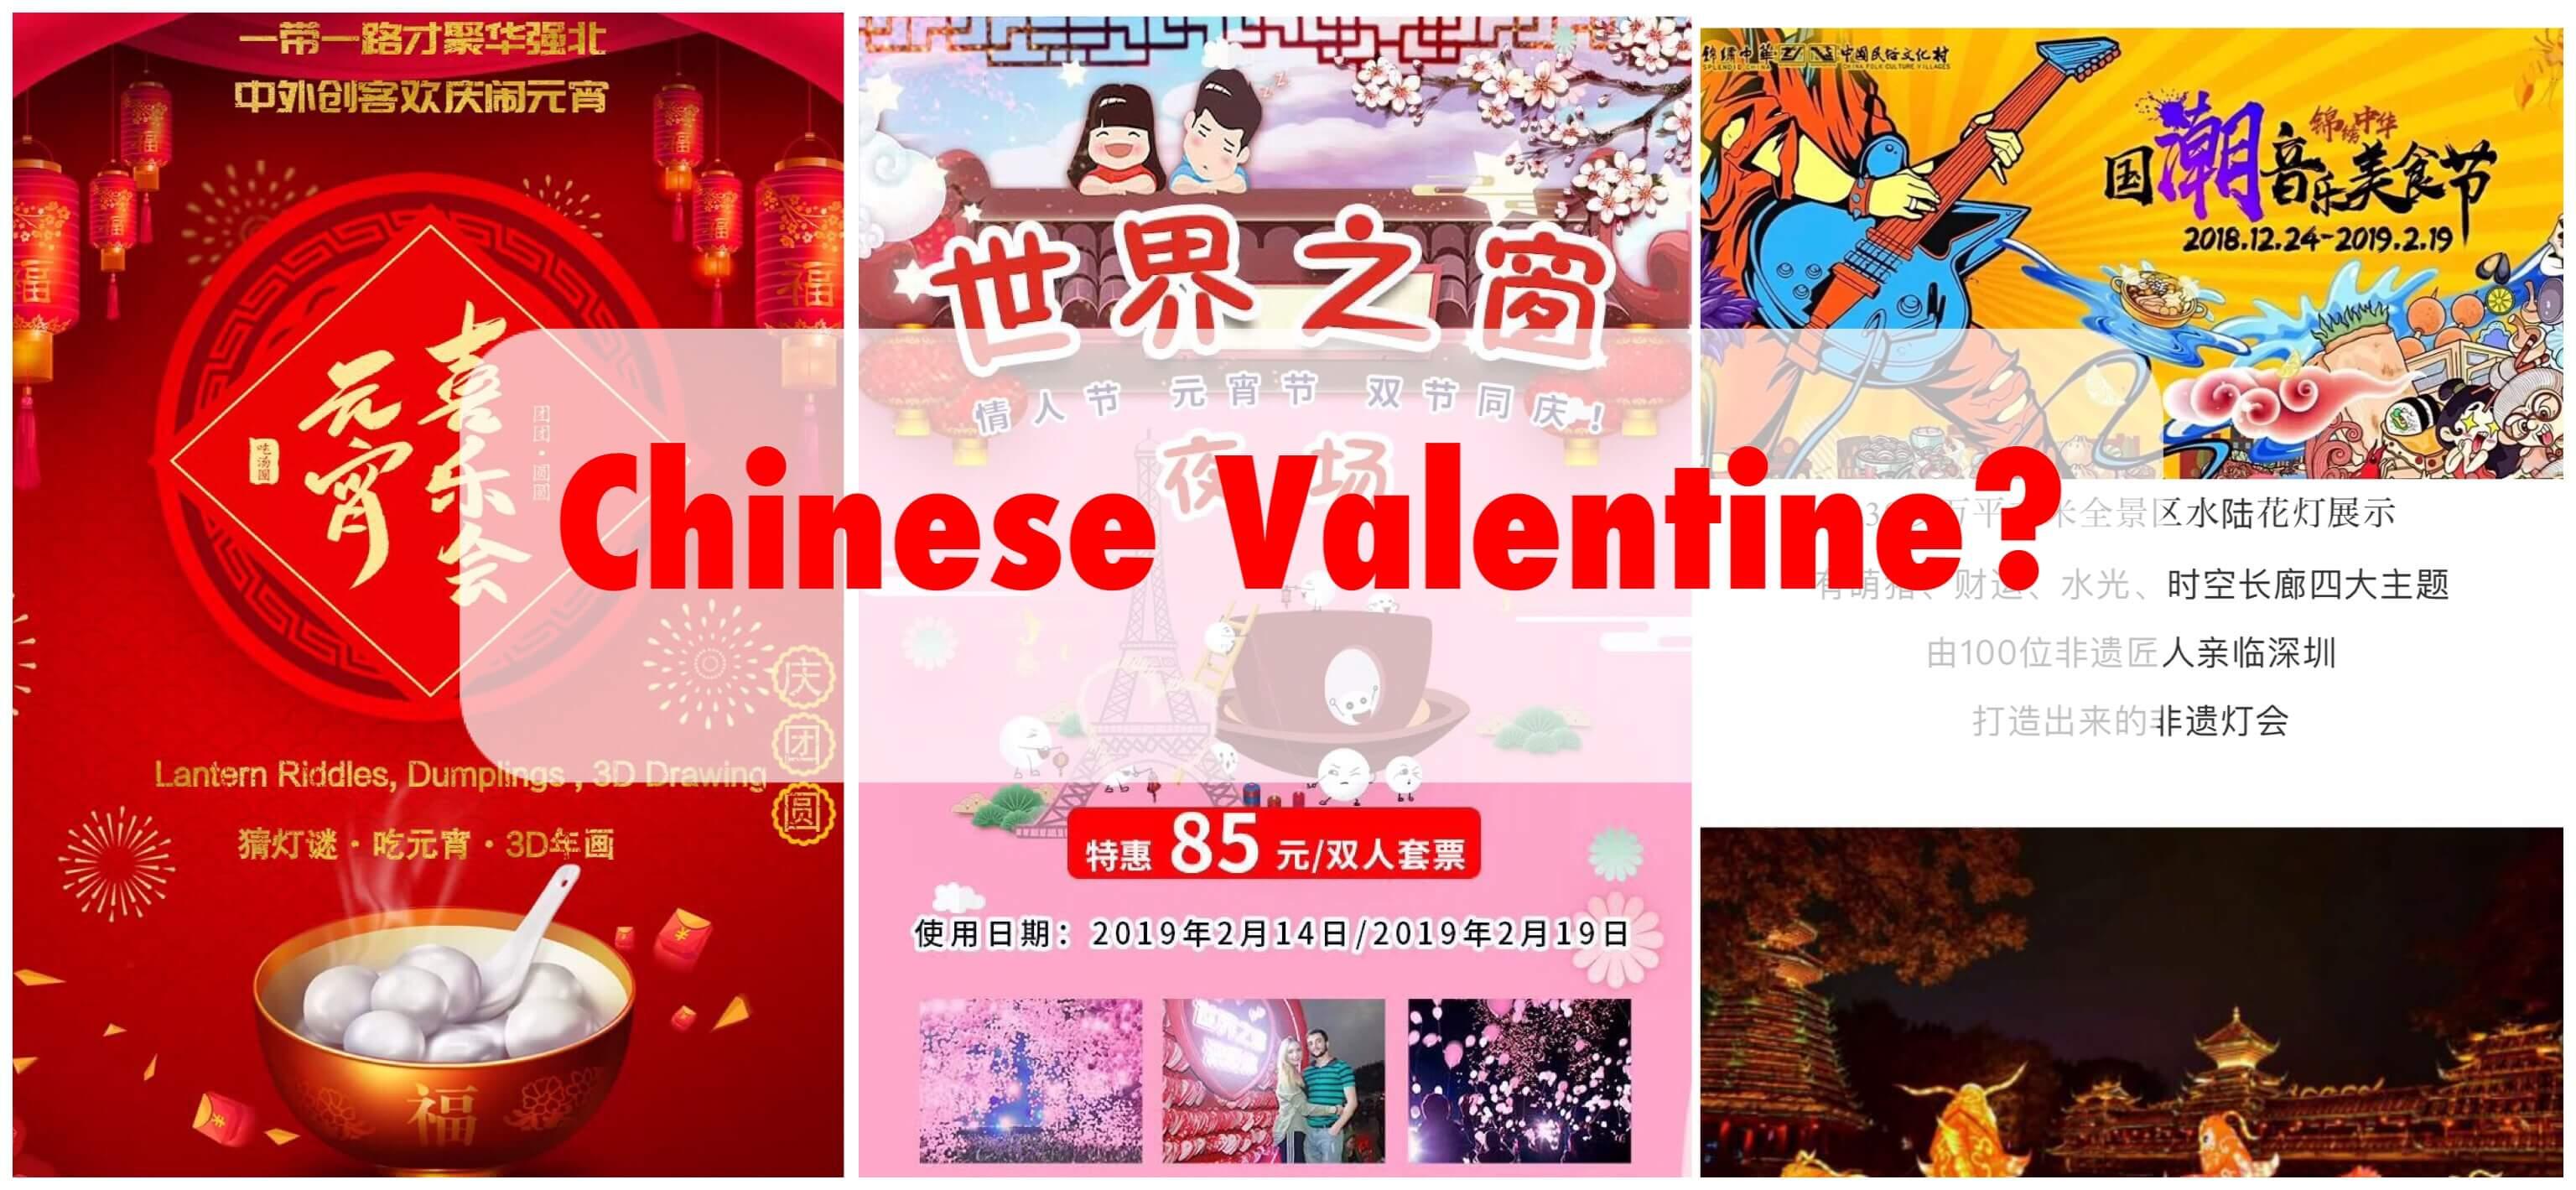 2月19日はもう一つのバレンタイン?「元宵节」とは?